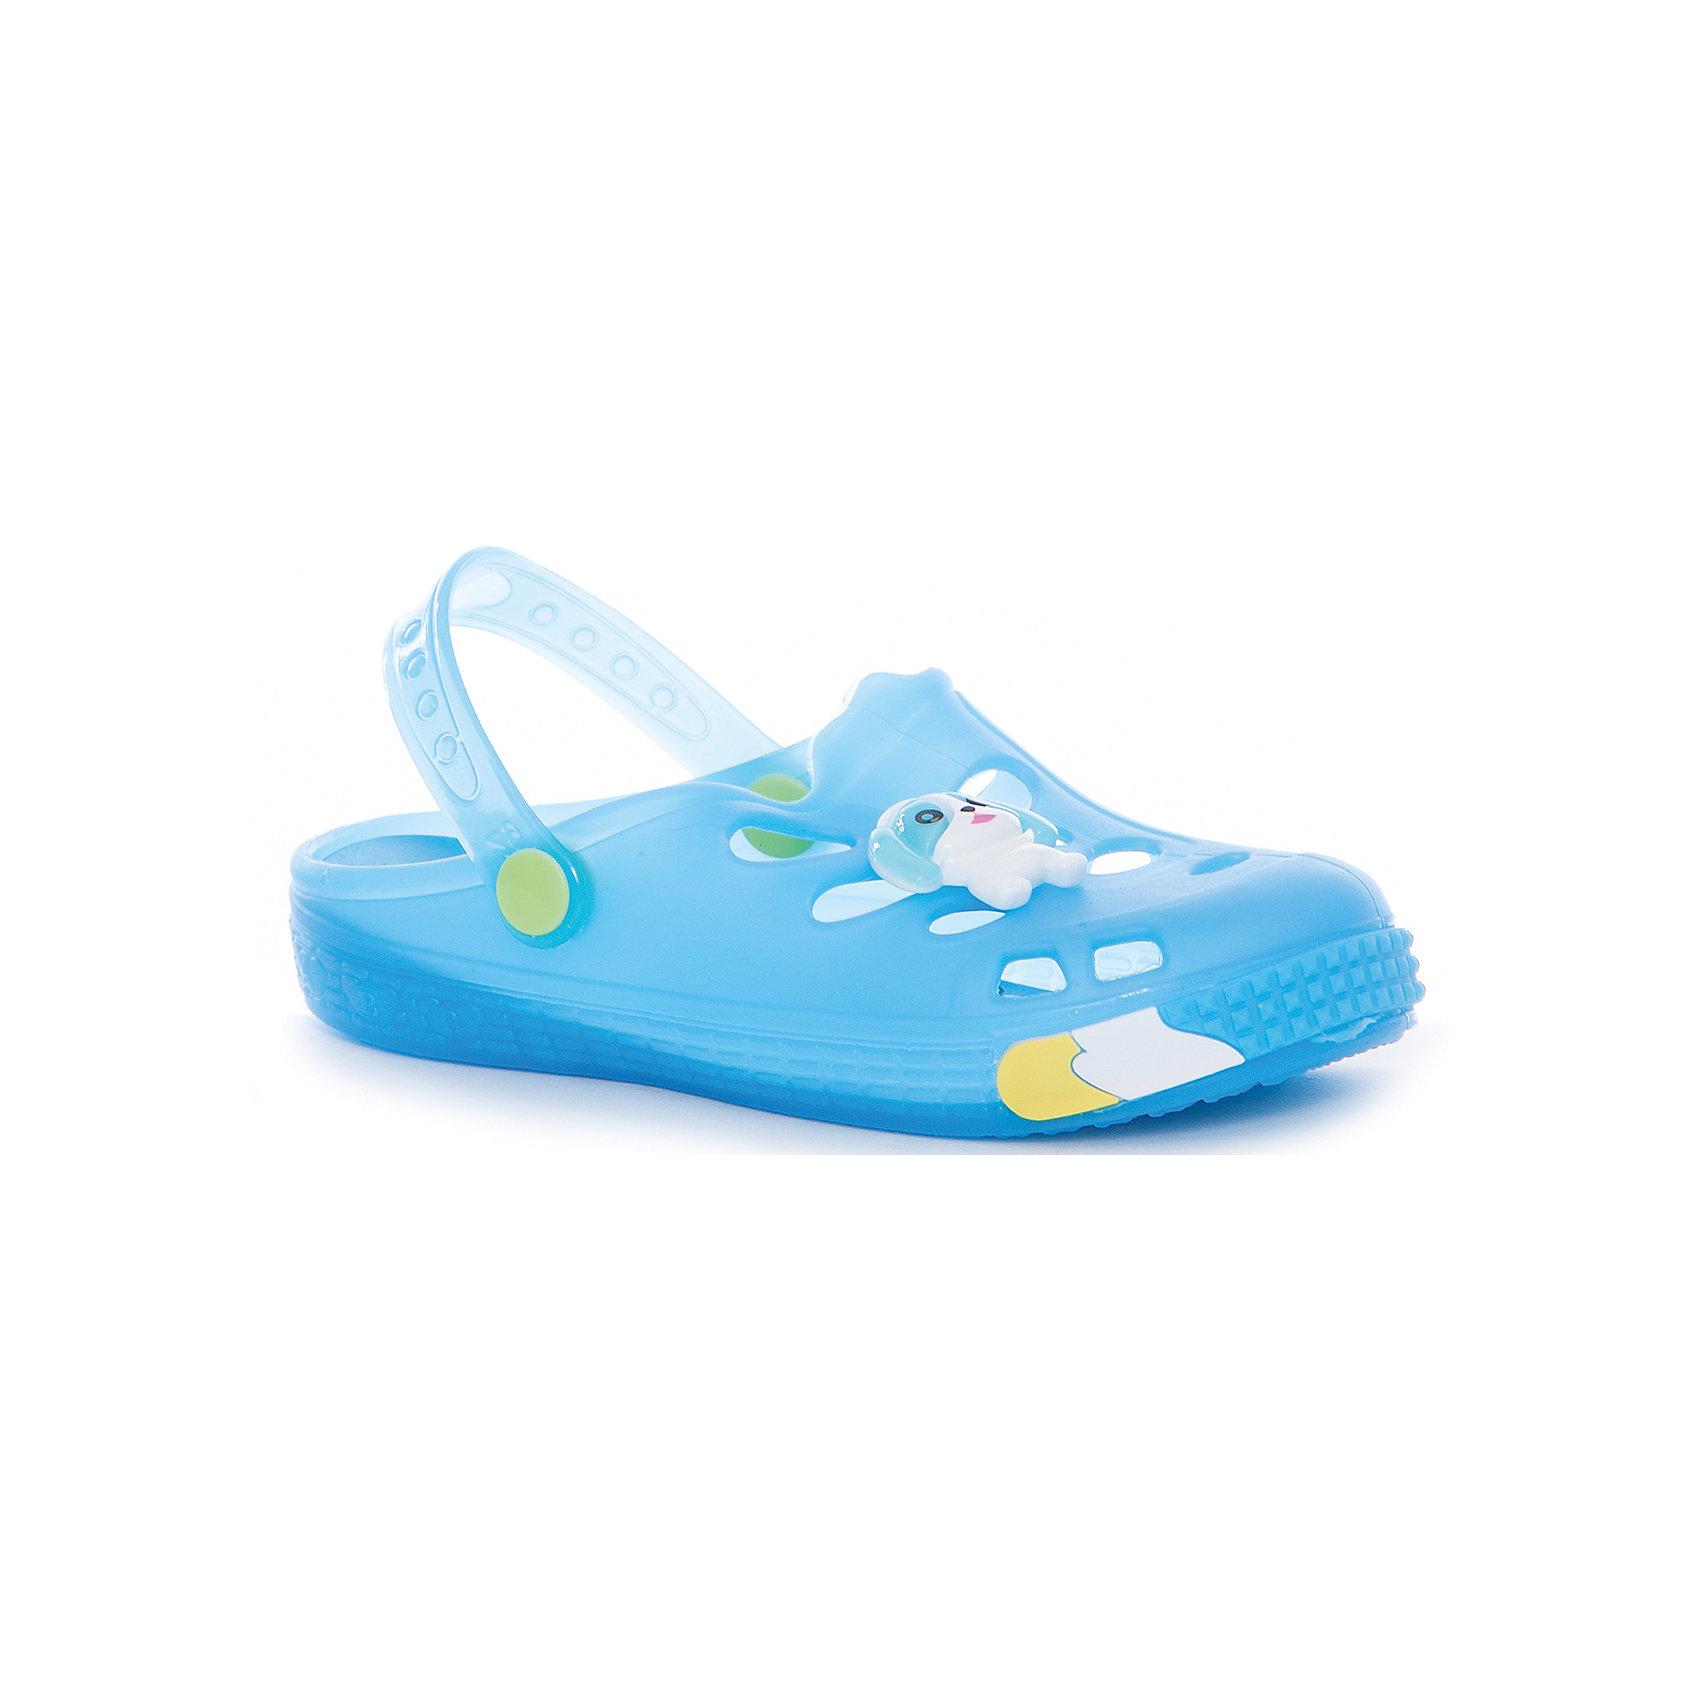 Пляжная обувь для мальчика MURSUПляжная обувь для мальчика MURSU<br>Состав: <br>Материал верха: ПВХ; Материал подкладки: ПВХ; Материал подошвы: ПВХ; Материал стельки: ПВХ.<br><br>Ширина мм: 248<br>Глубина мм: 135<br>Высота мм: 147<br>Вес г: 256<br>Цвет: голубой<br>Возраст от месяцев: 60<br>Возраст до месяцев: 72<br>Пол: Мужской<br>Возраст: Детский<br>Размер: 25,29,24,26,27,28<br>SKU: 5326121